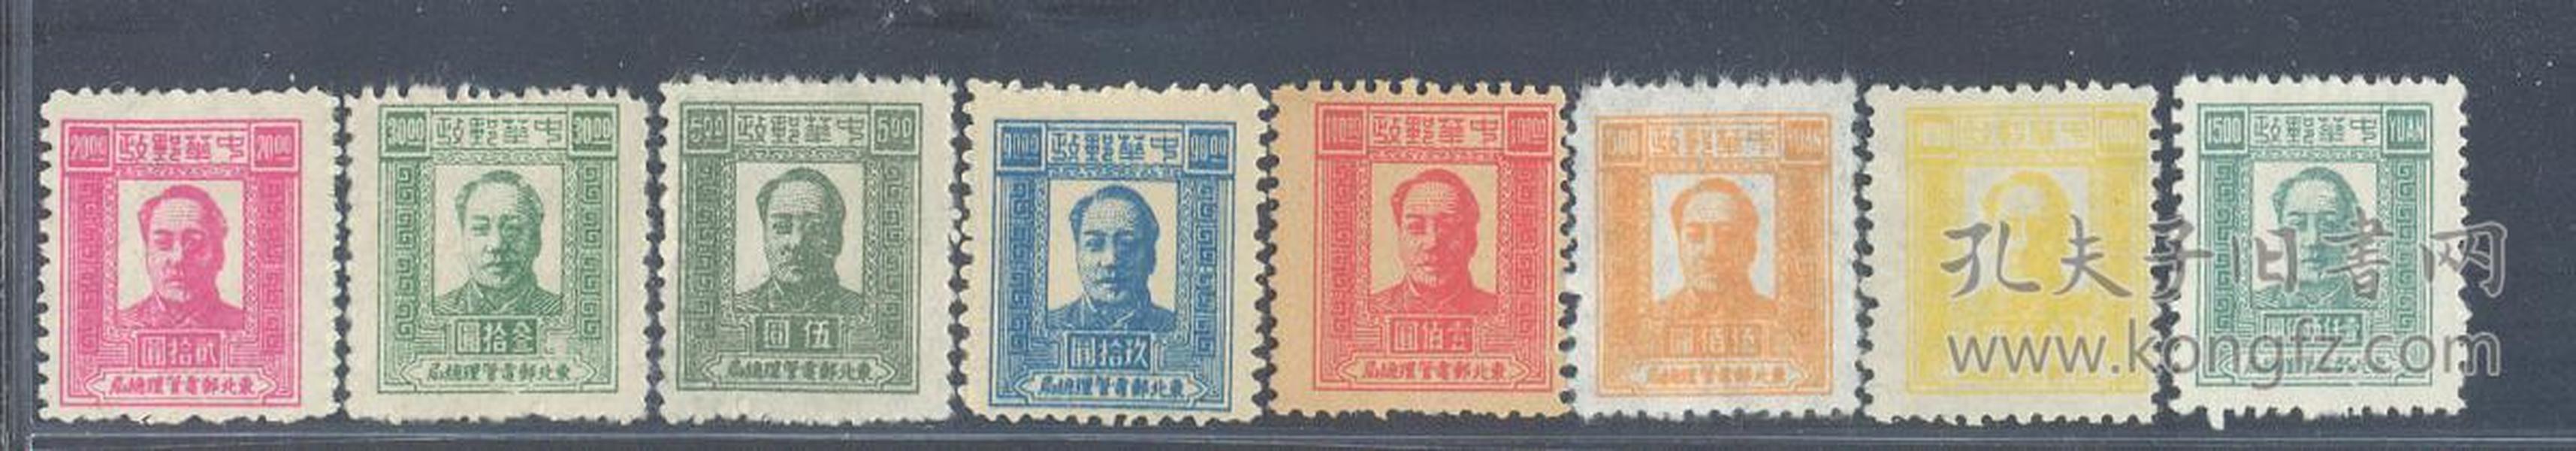 解放区邮票 东北区 JDB49、55、57、62毛像9枚不同新(上品)